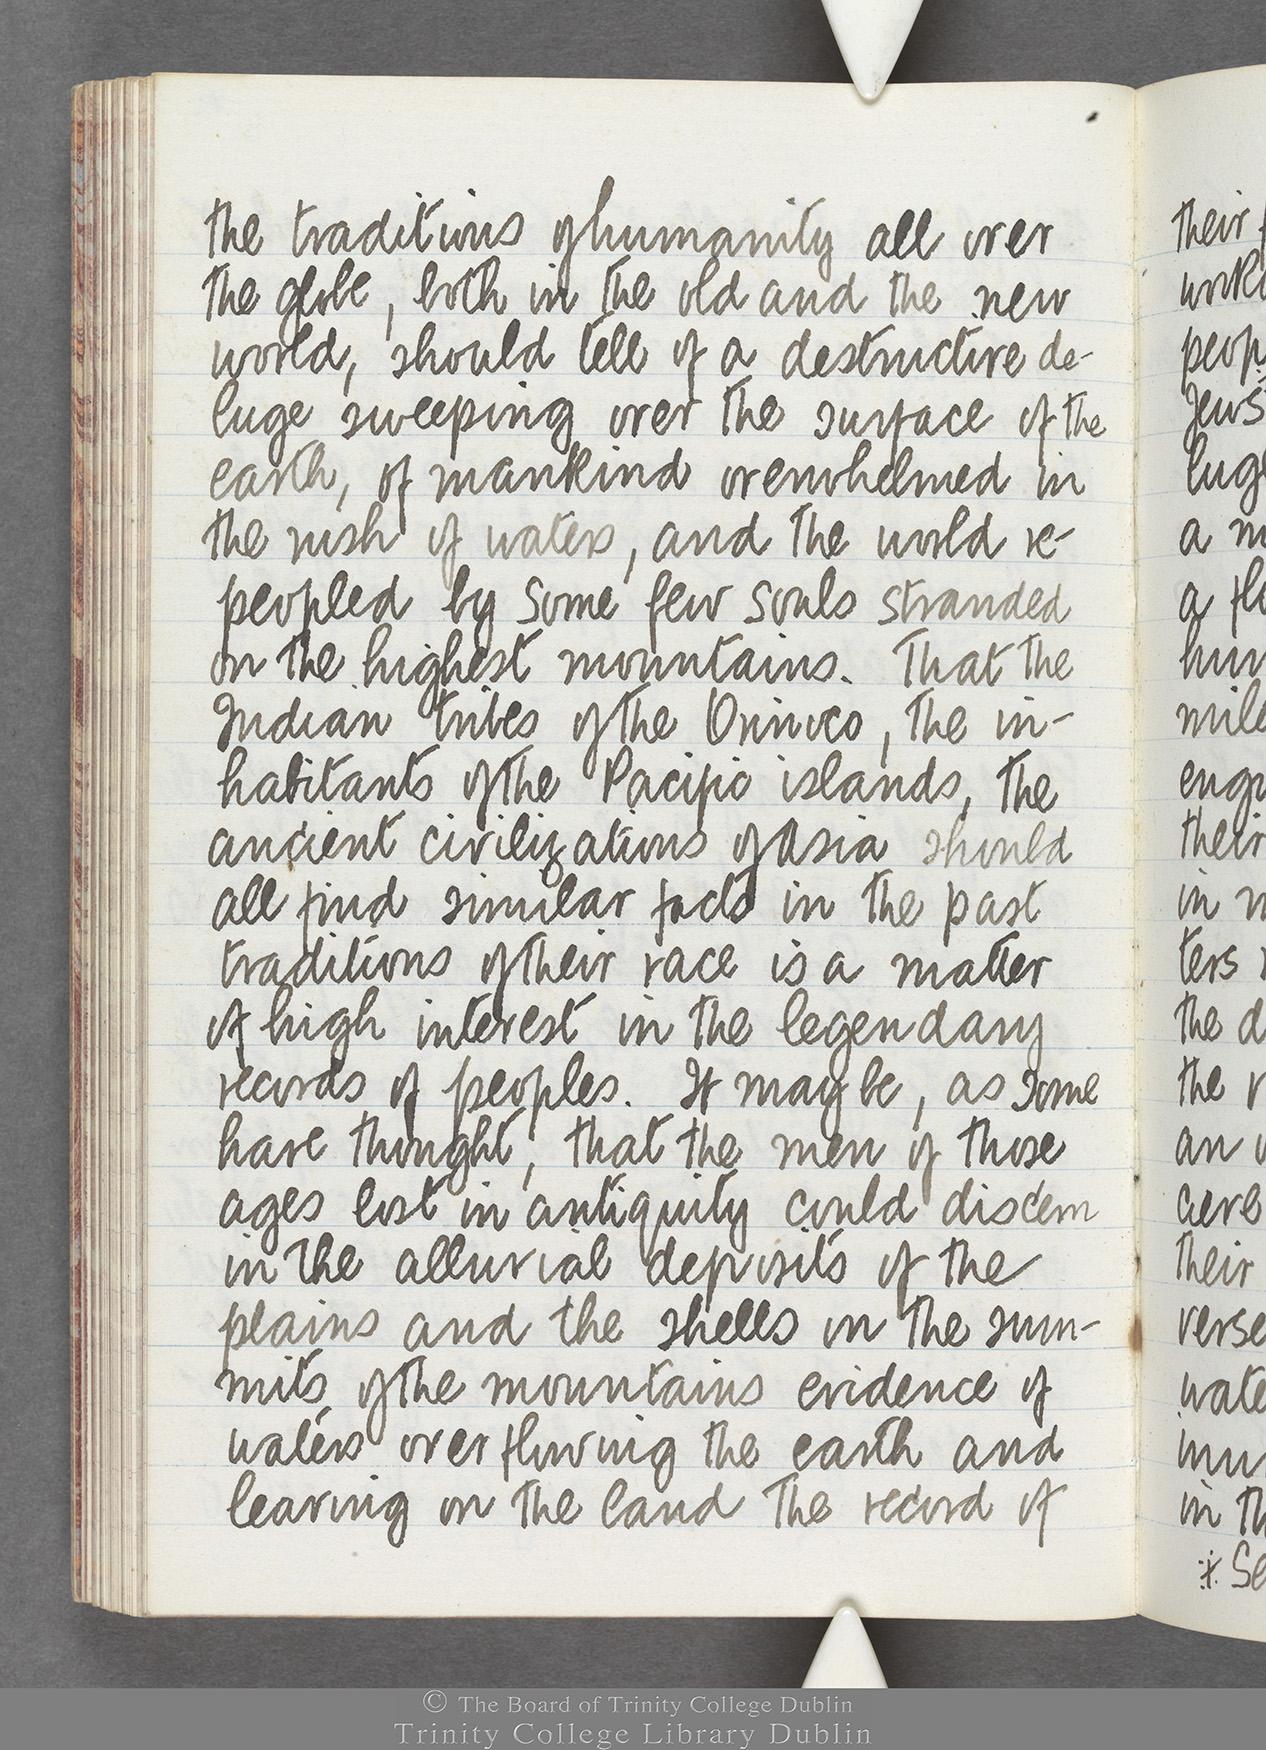 TCD MS 10516 folio 79 verso